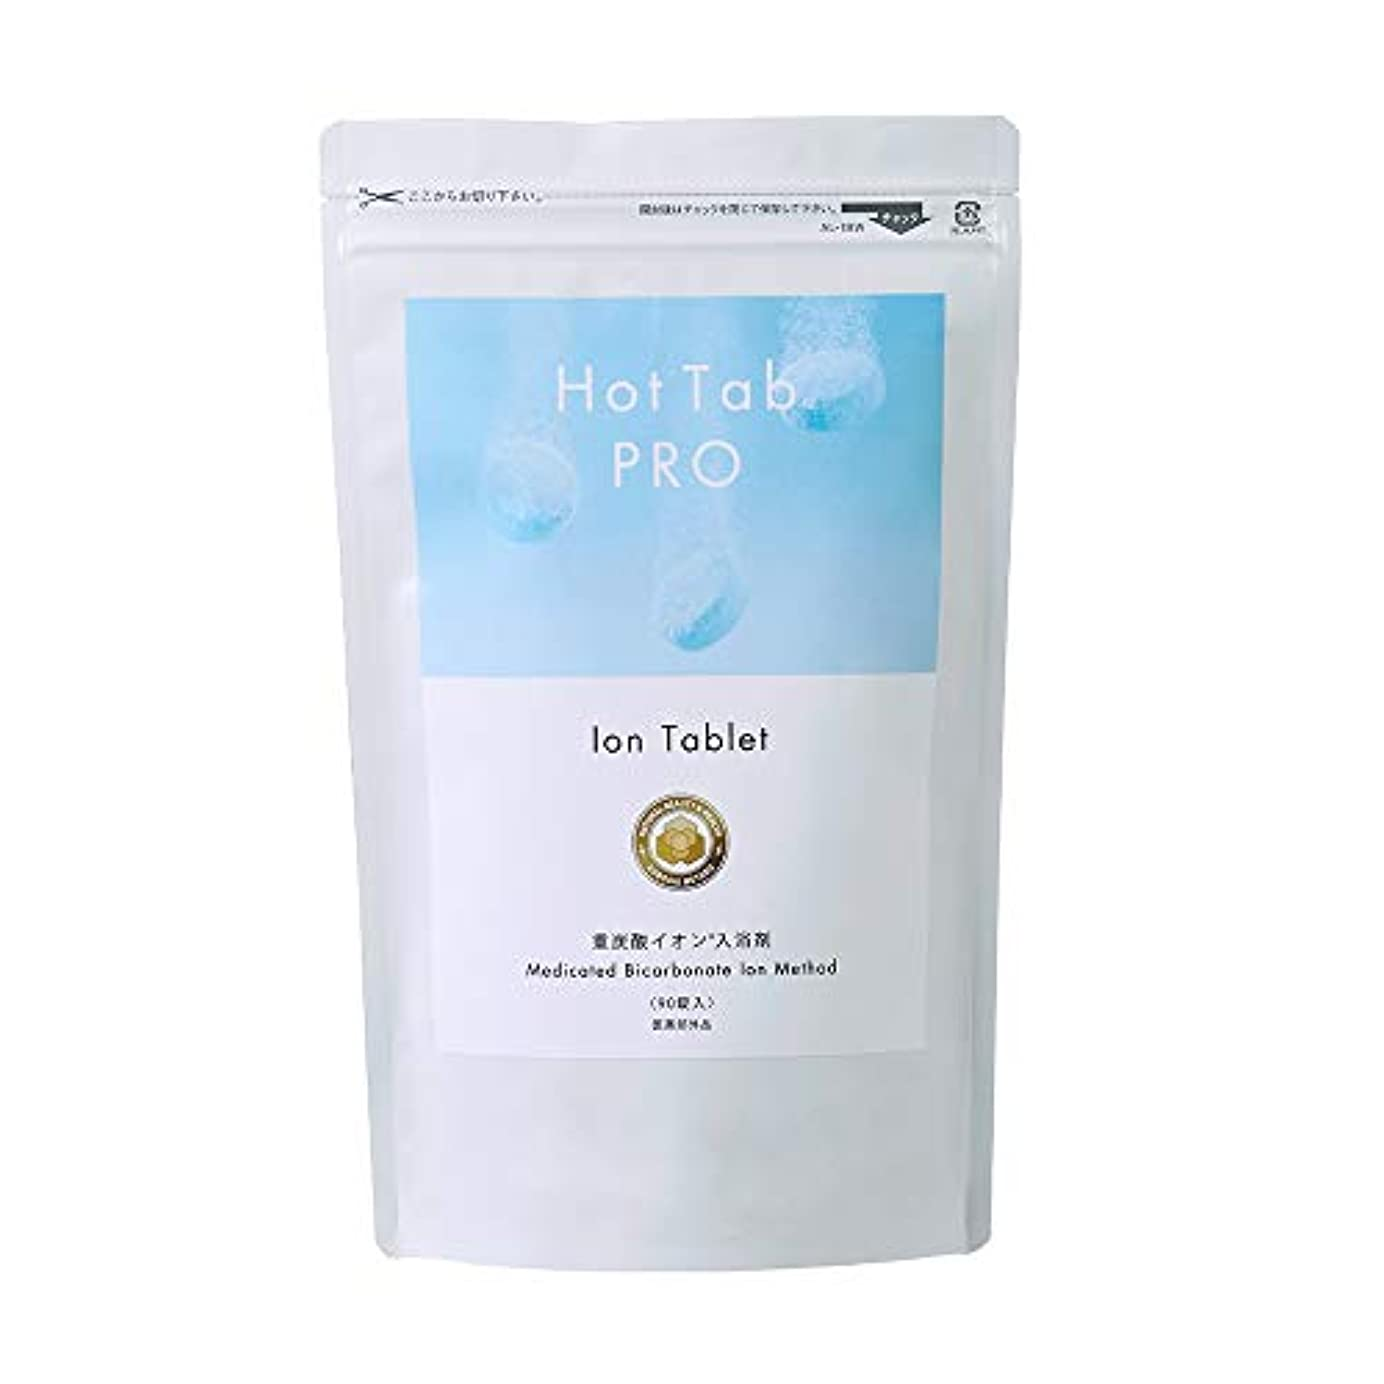 トレースクルー故障中最新型 日本製なめらか重炭酸入浴剤「ホットタブPro」(デリケートな肌でも安心 無香料 無着色 中性pH) (お得な90錠セット)